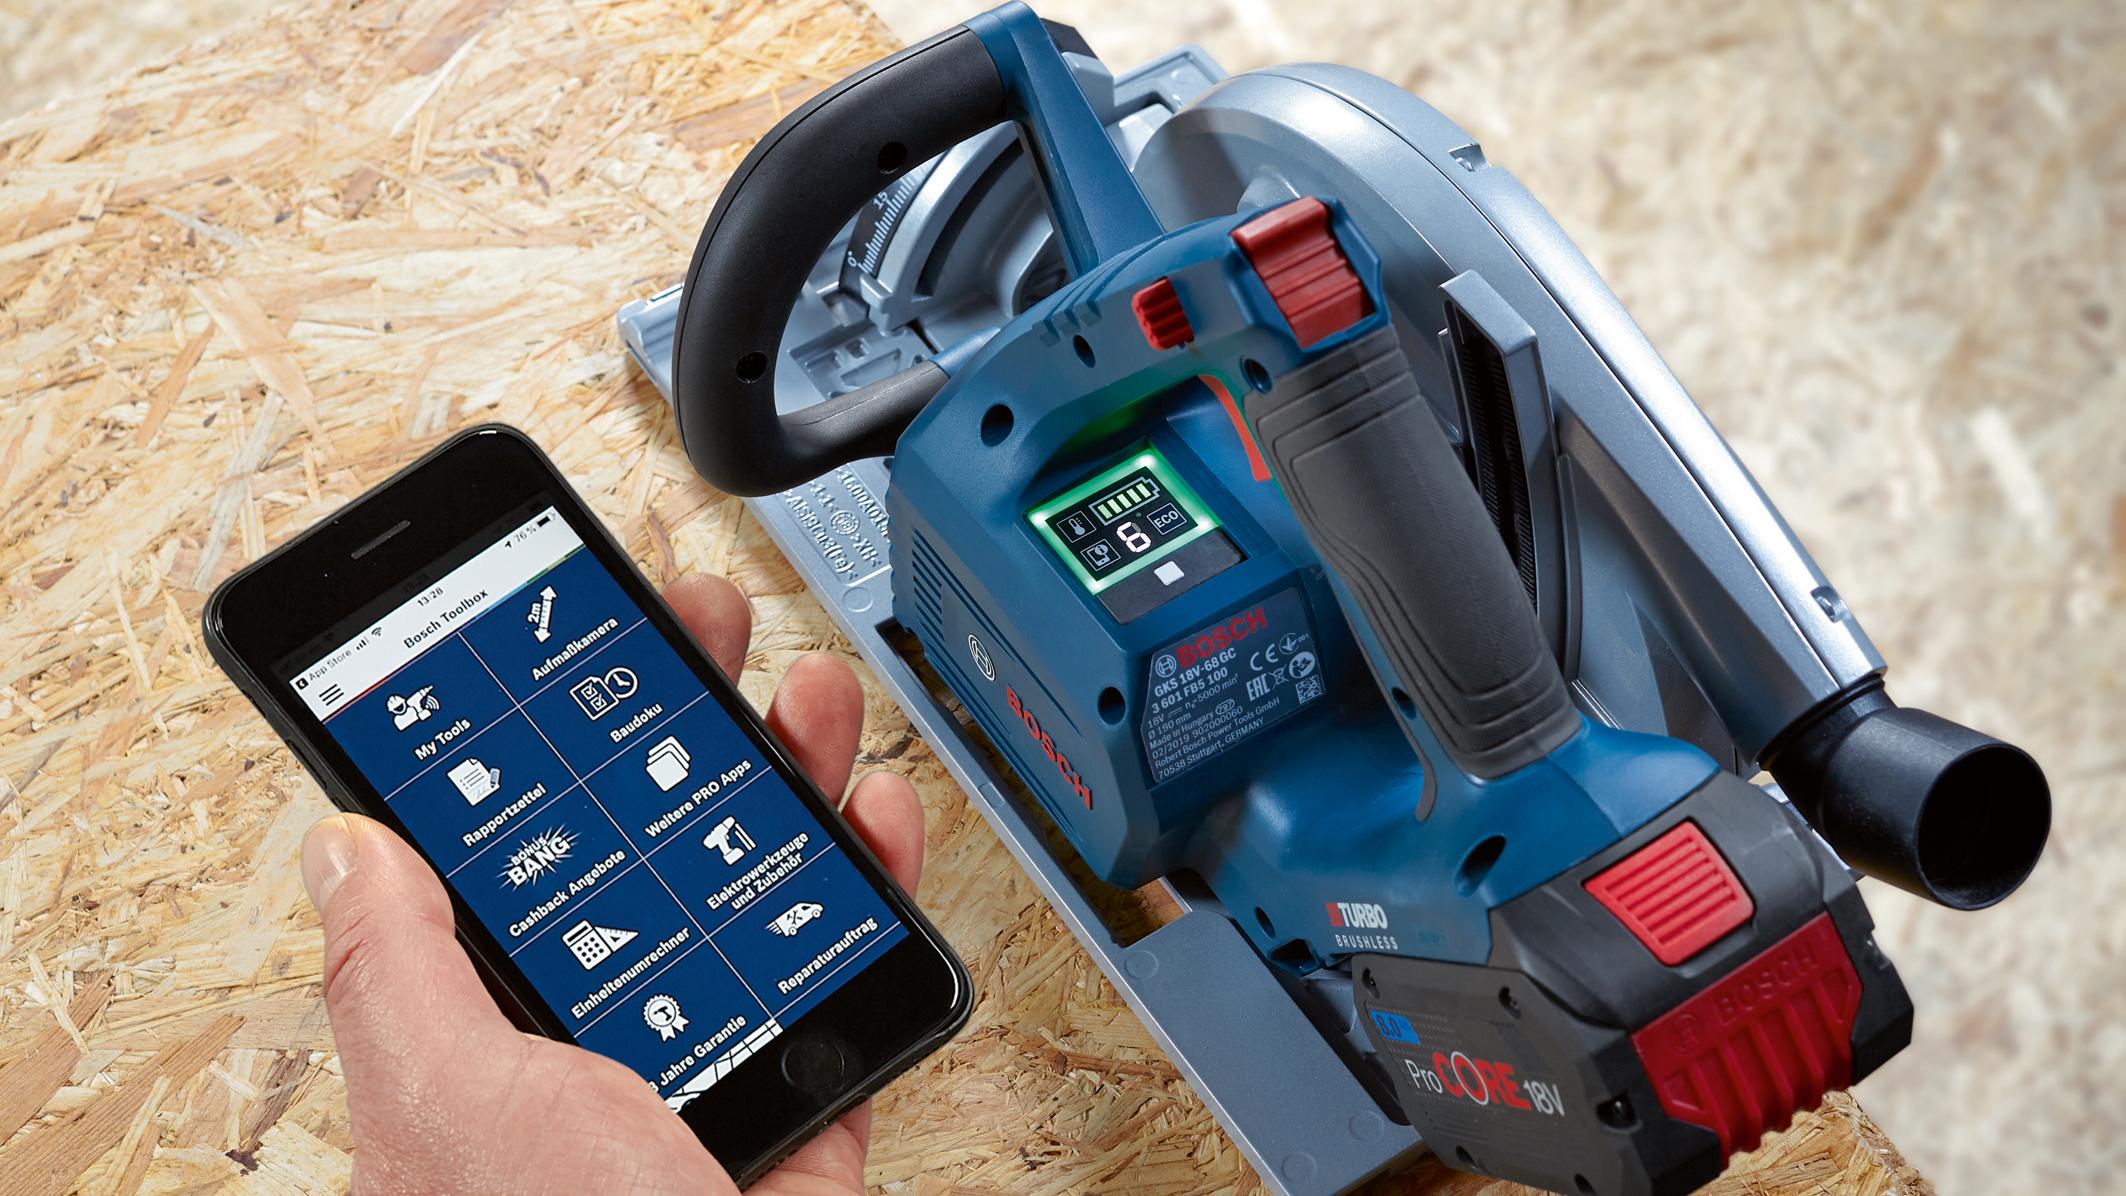 Přidaná hodnota prostřednictvím uživatelského rozhraní a funkce připojení: Akumulátorová ruční okružní pila GKS 18V-68 GC Professional od společnosti Bosch pro profesionály